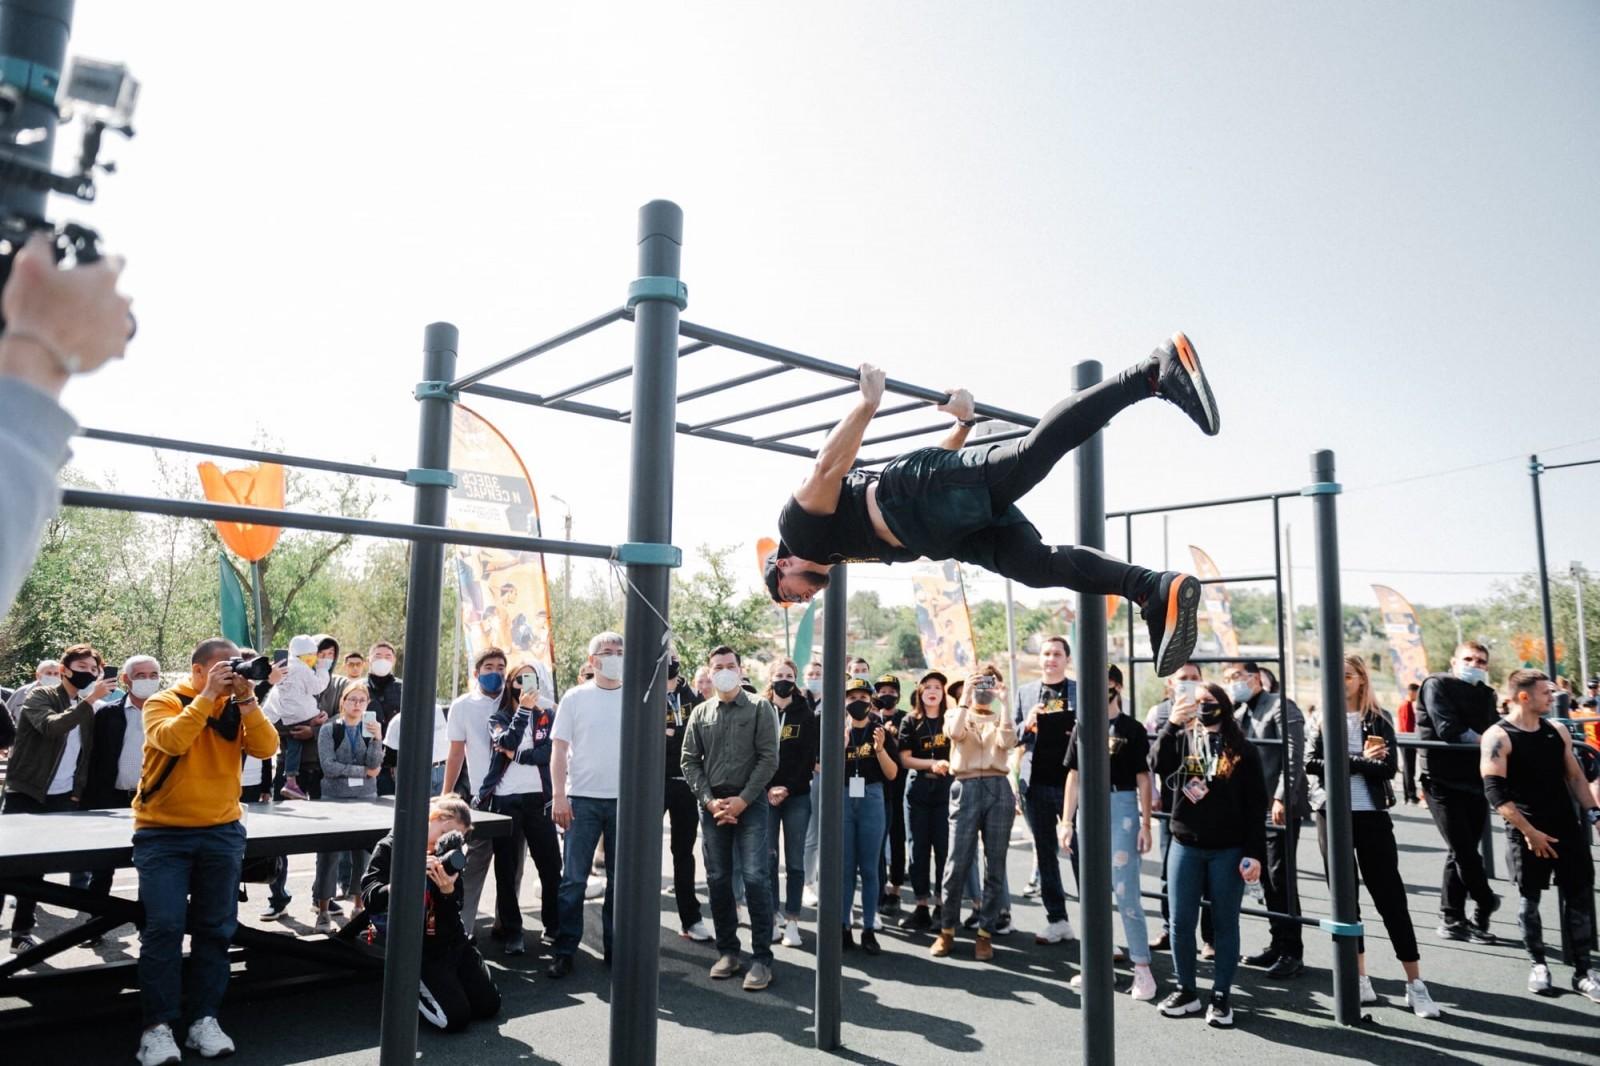 В Элисте прошел Фестиваль молодежных субкультур «Здесь и сейчас»